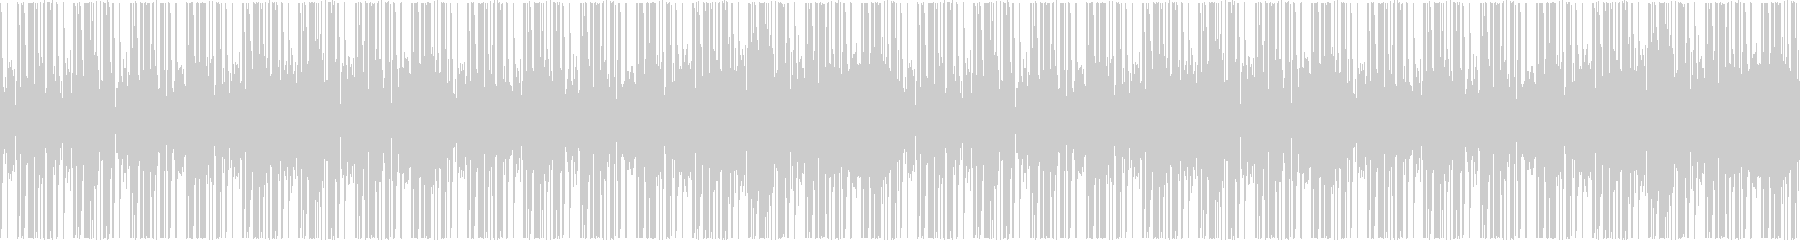 リズムのみの高音質トラック【ループ可】の未再生の波形